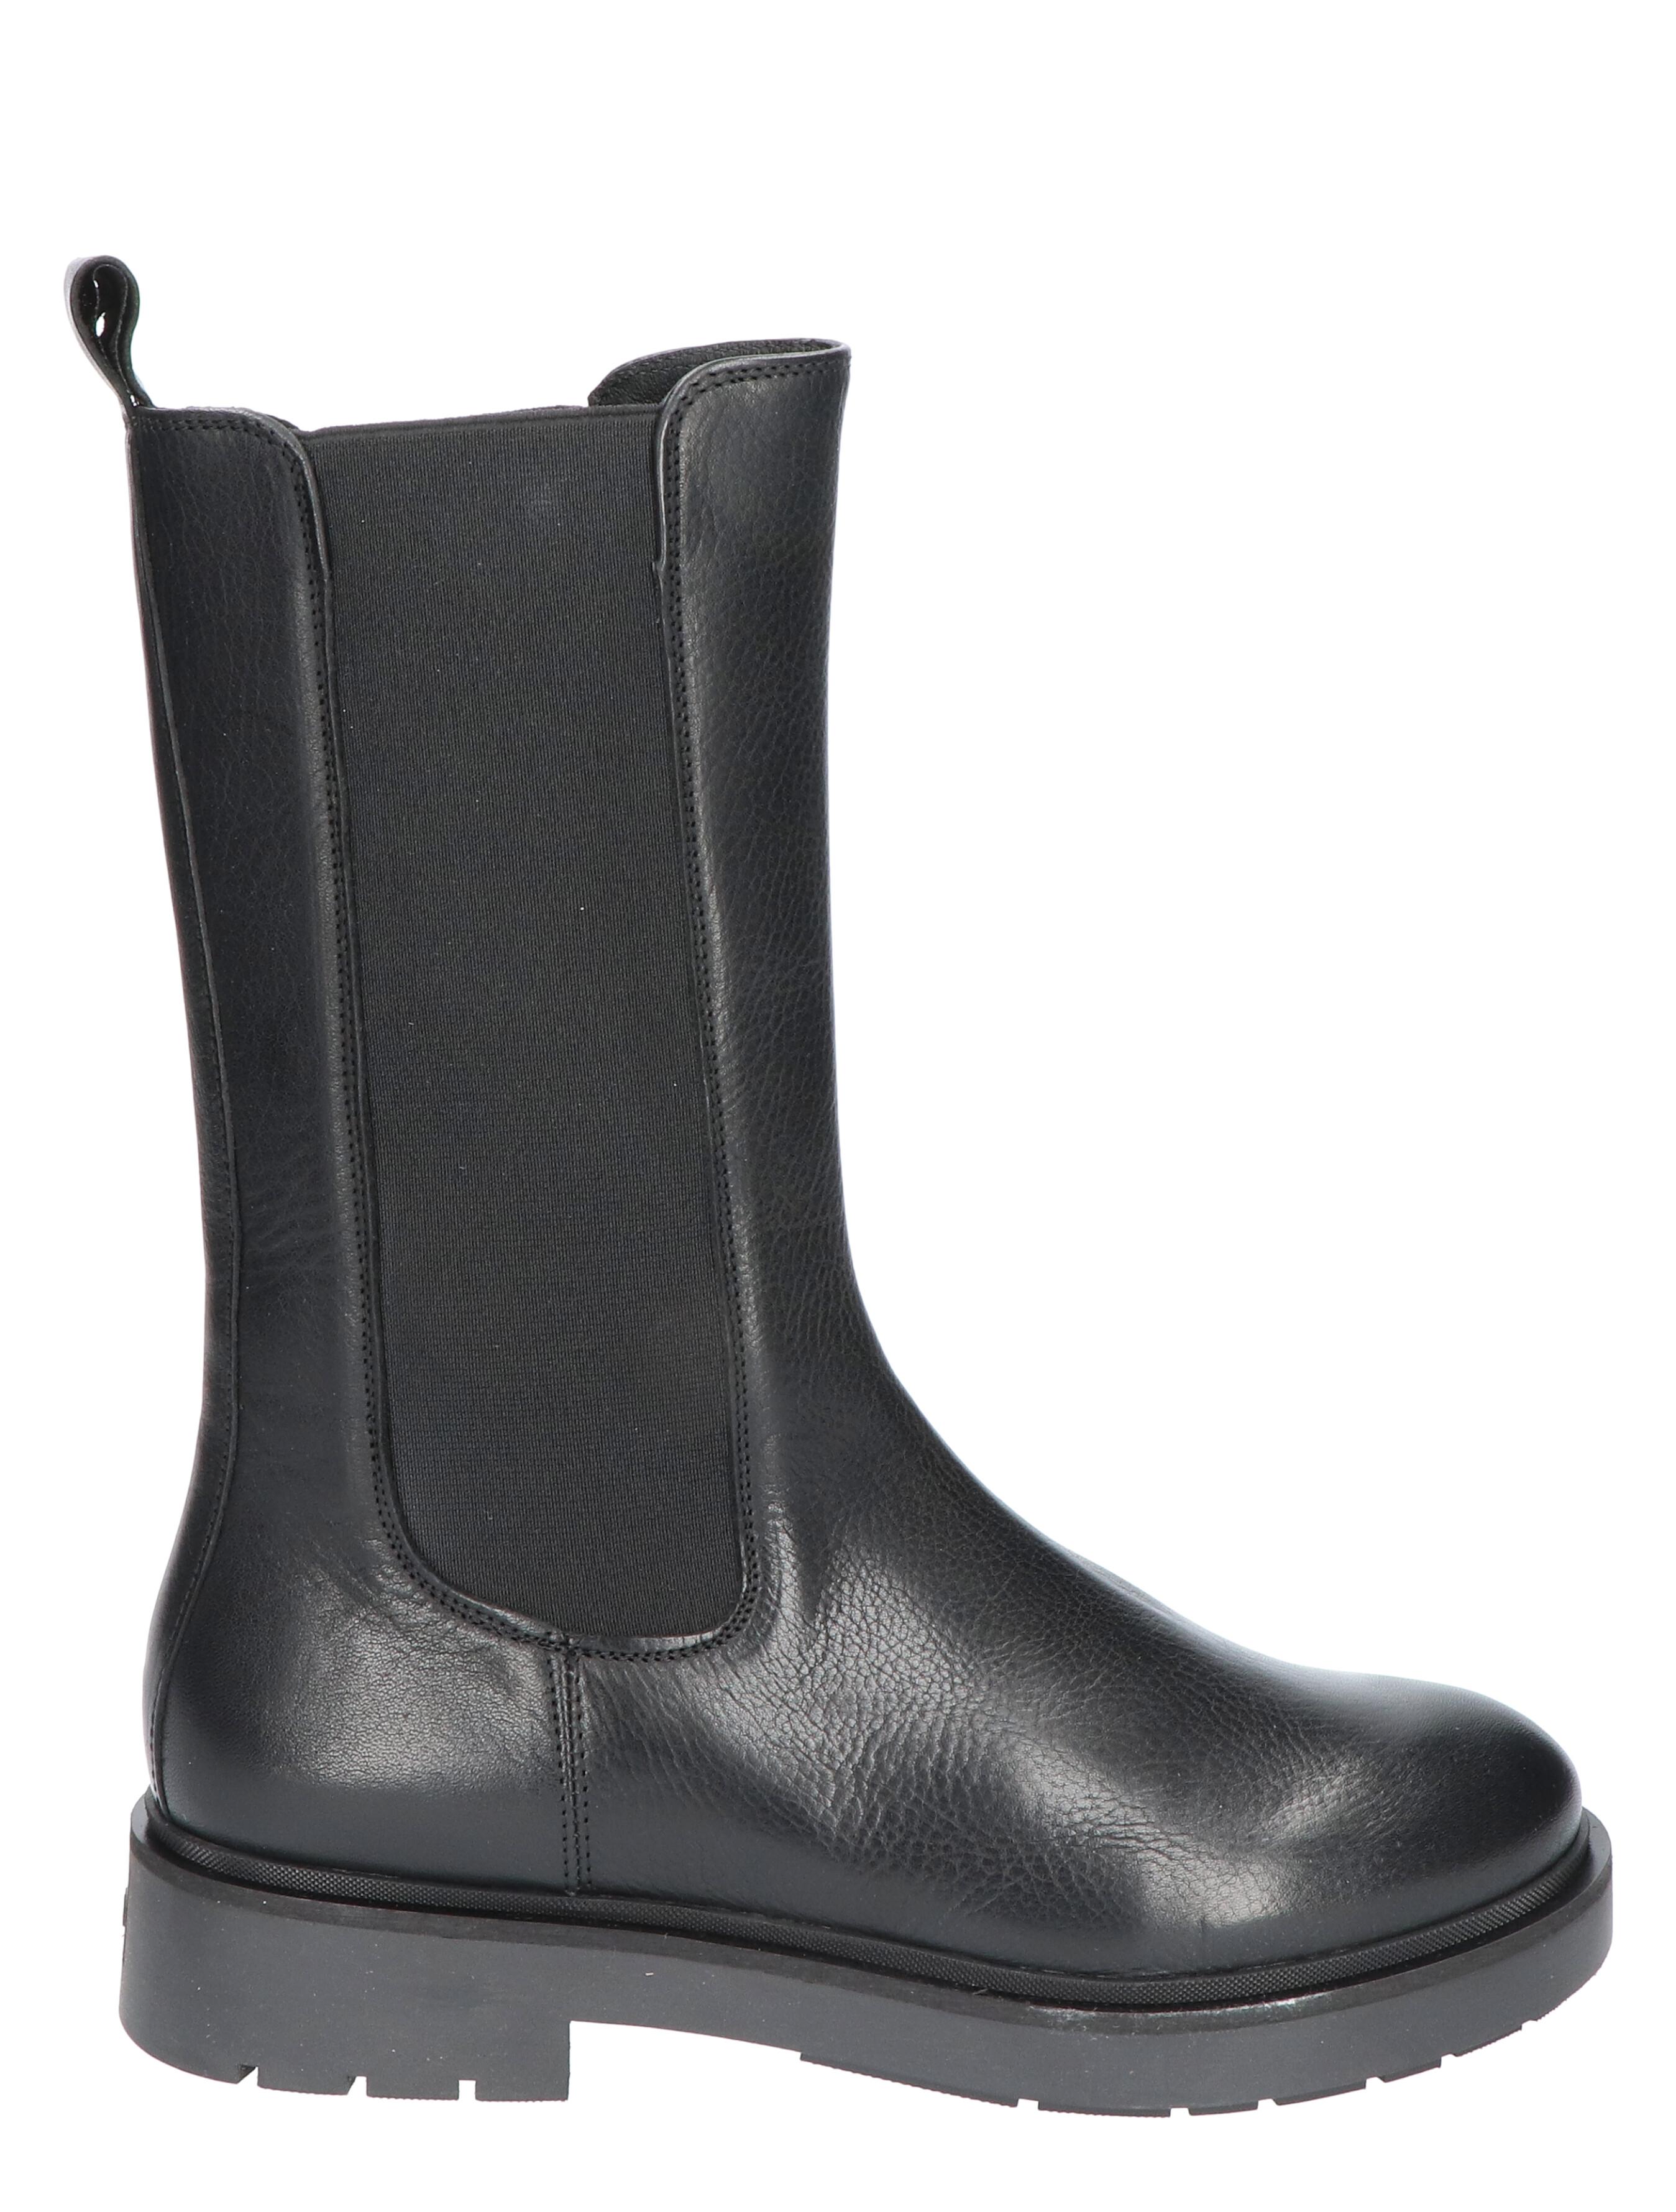 VIA VAI 57110 Alexis Zahir Caipirinha Nero Chelsea boots